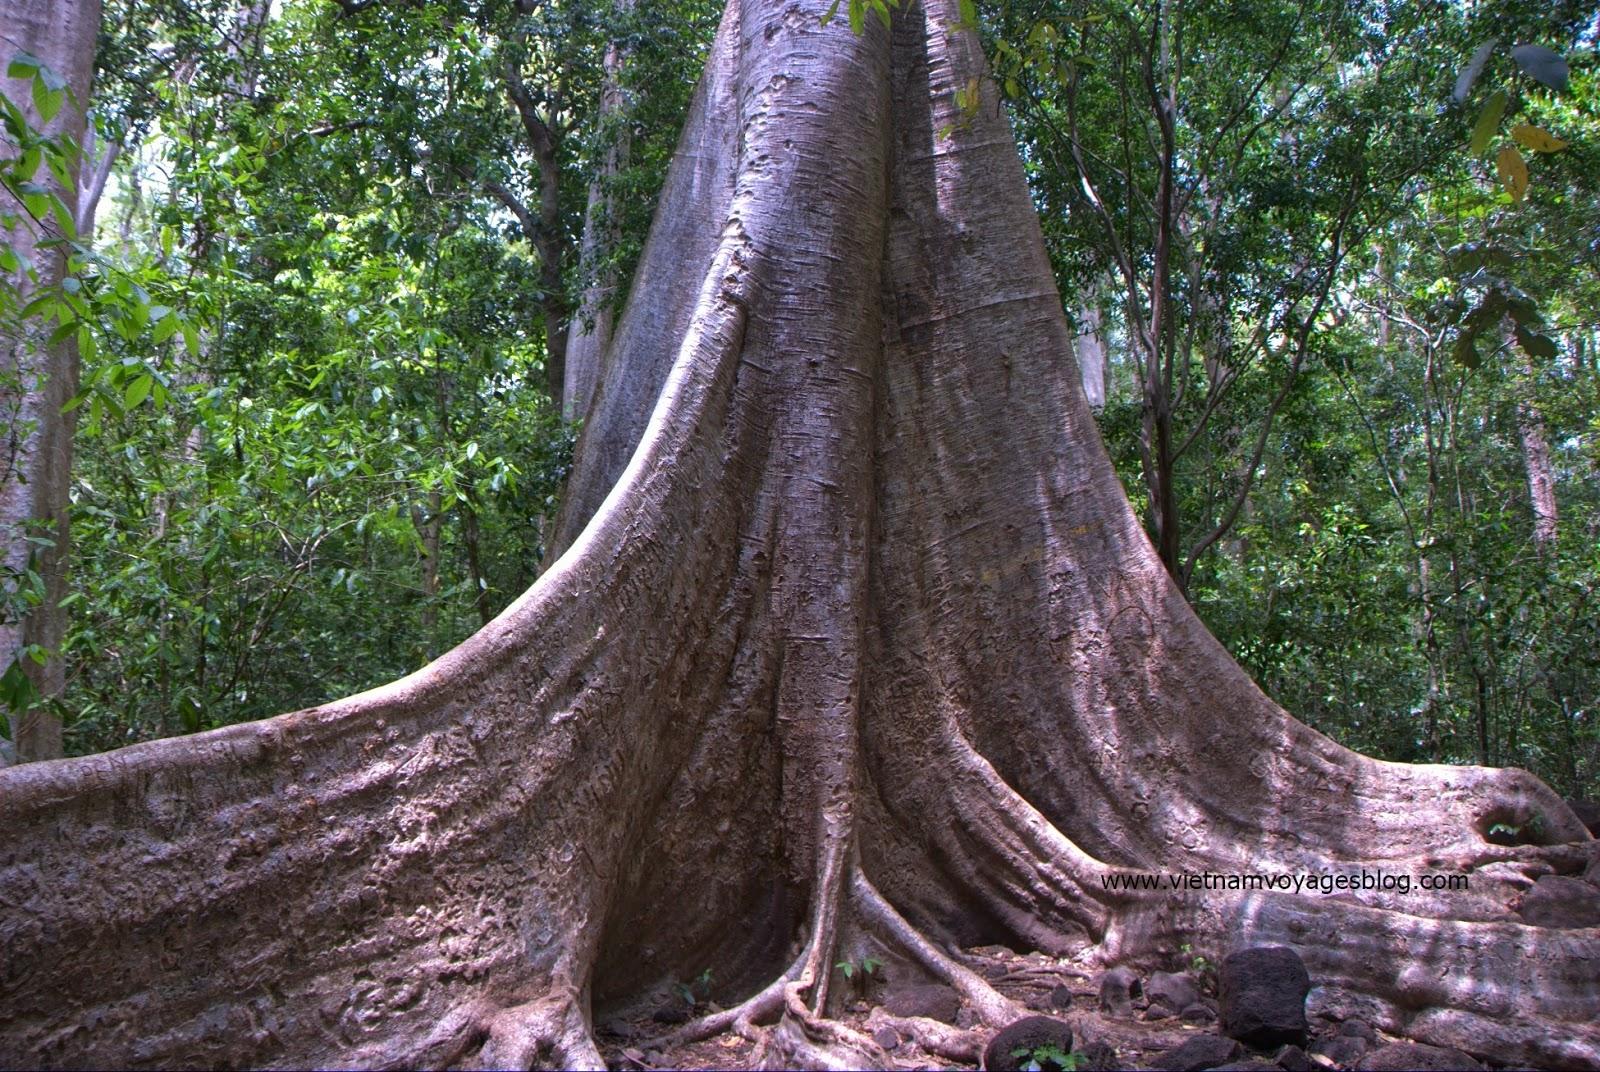 Cây Tùng cổ, vườn quốc gia Nam Cát Tiên